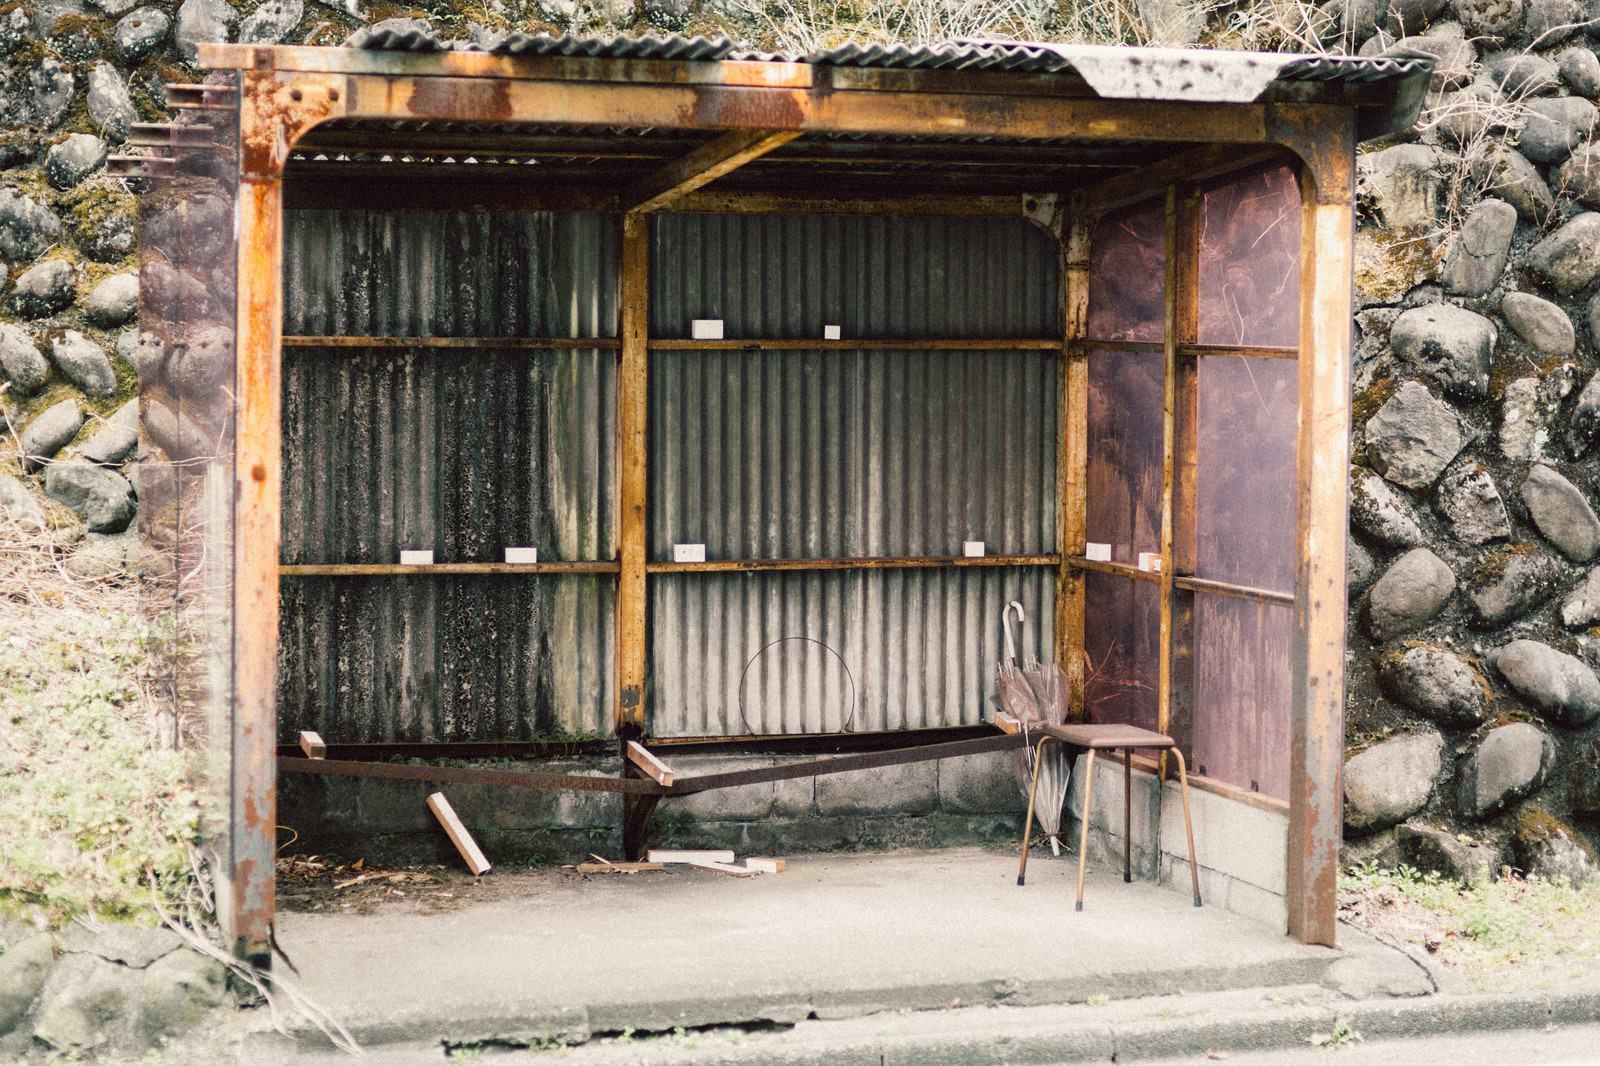 「トタン造りの停留所」の写真